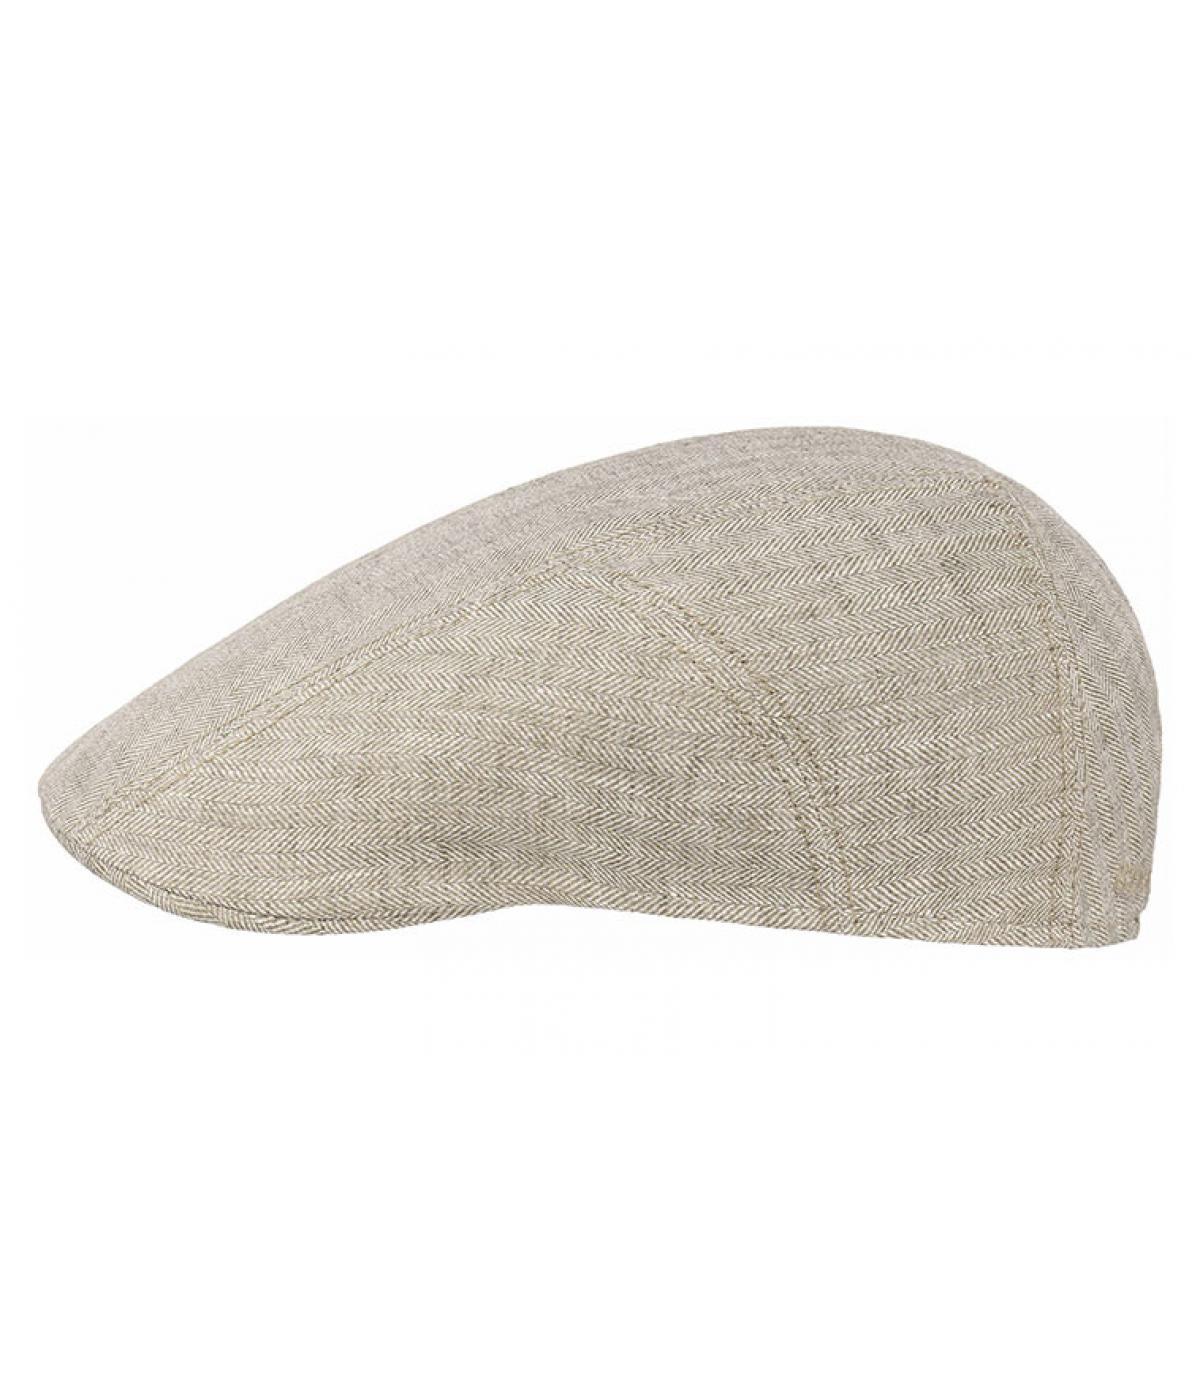 Détails Ivy cap linen beige - image 2